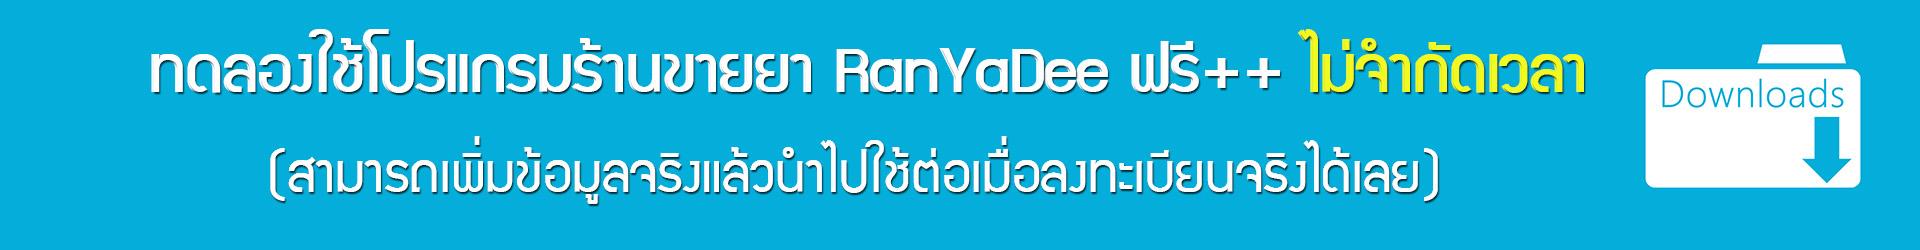 ดาวโหลดโปรแกรมร้านขายยา ranyadee